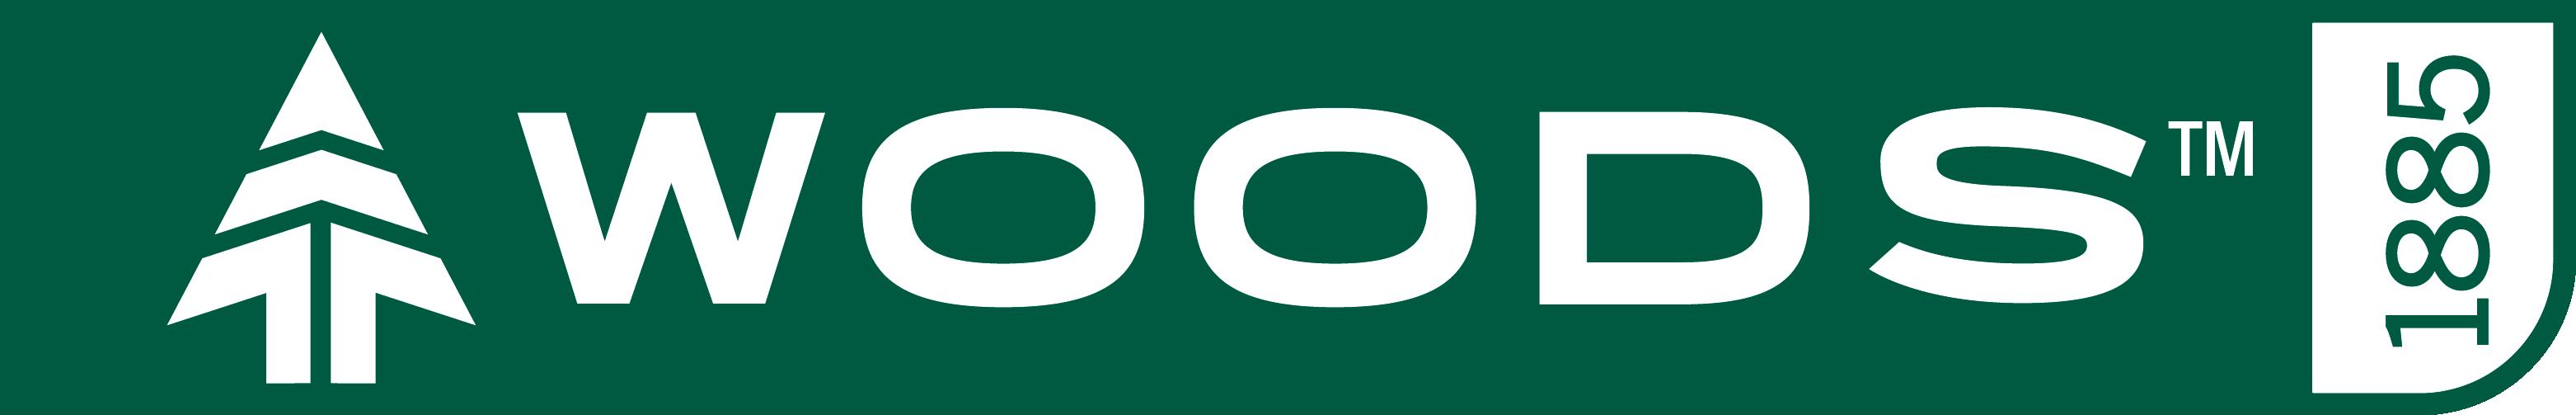 Woods Canada #UltimateDreamJob- Logo